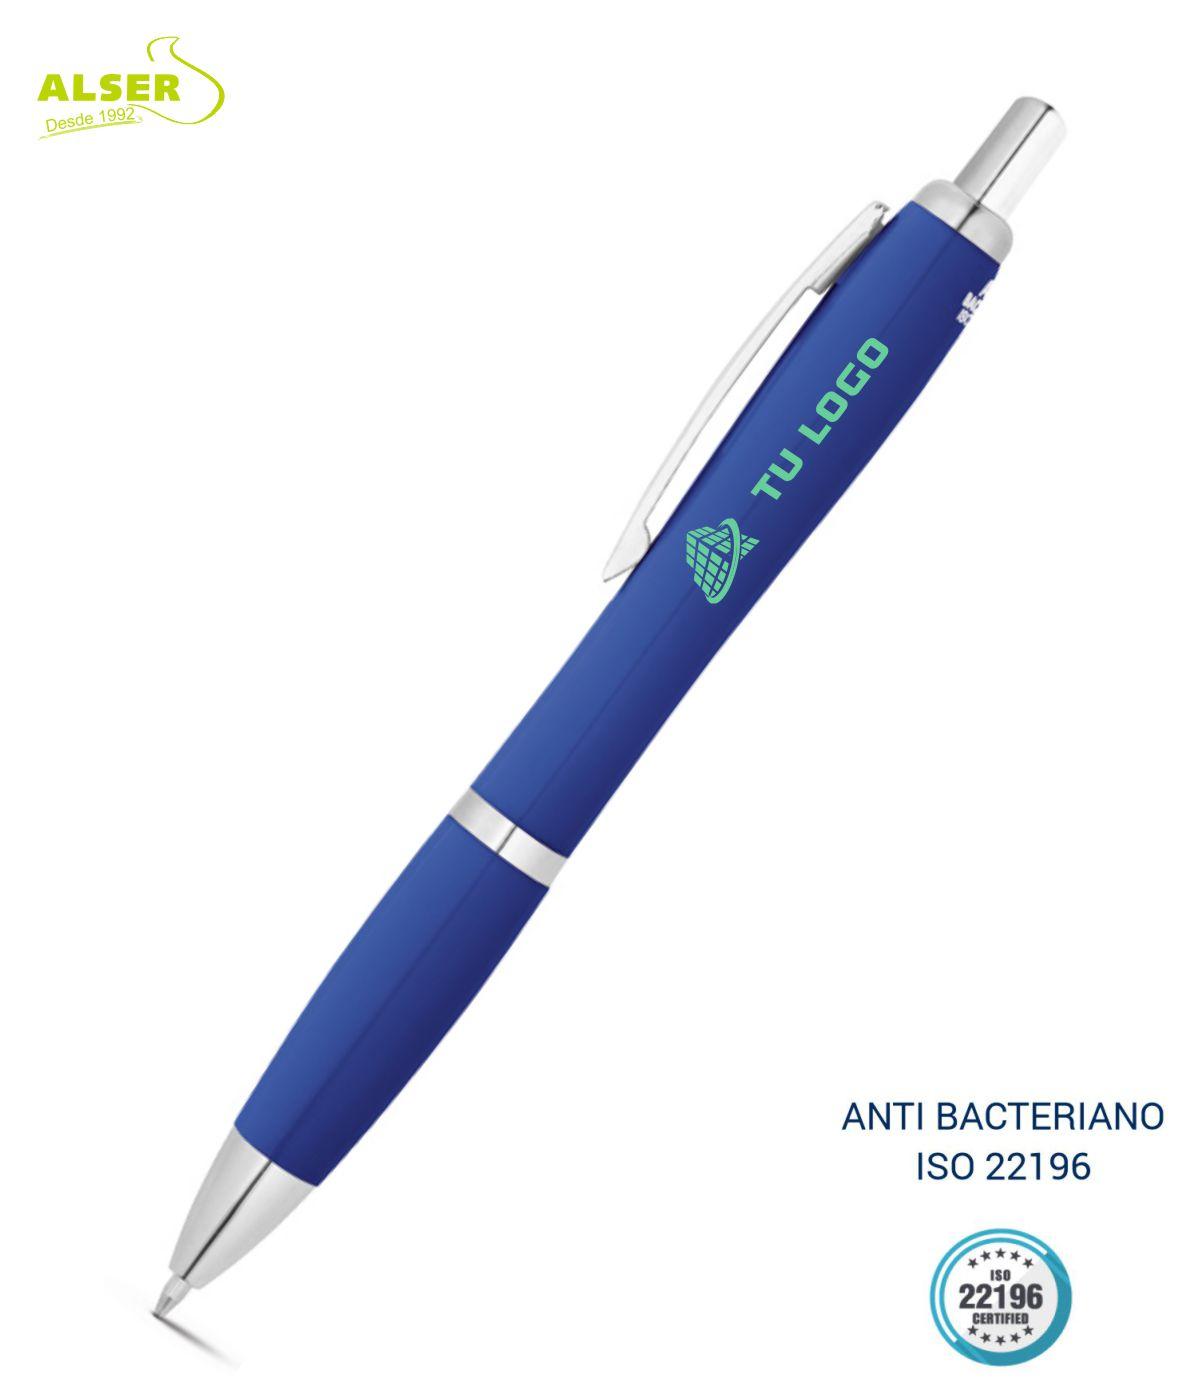 Boligrafo anti bacteriano Azul